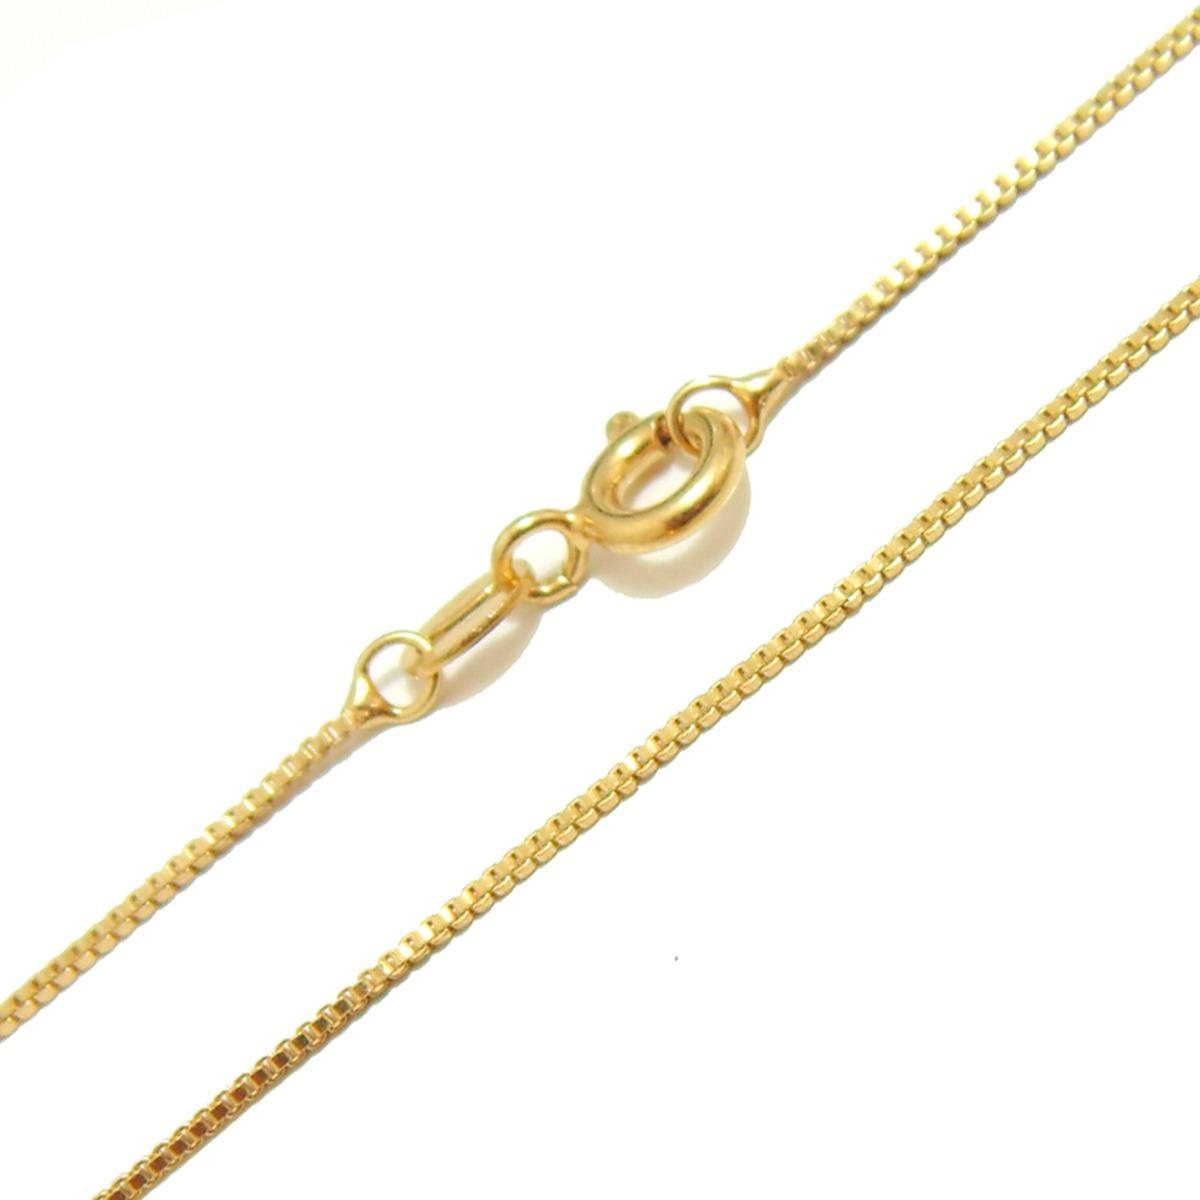 corrente veneziana feminina de prata banhada a ouro 24k 45cm. Carregando  zoom. f4f2879e76